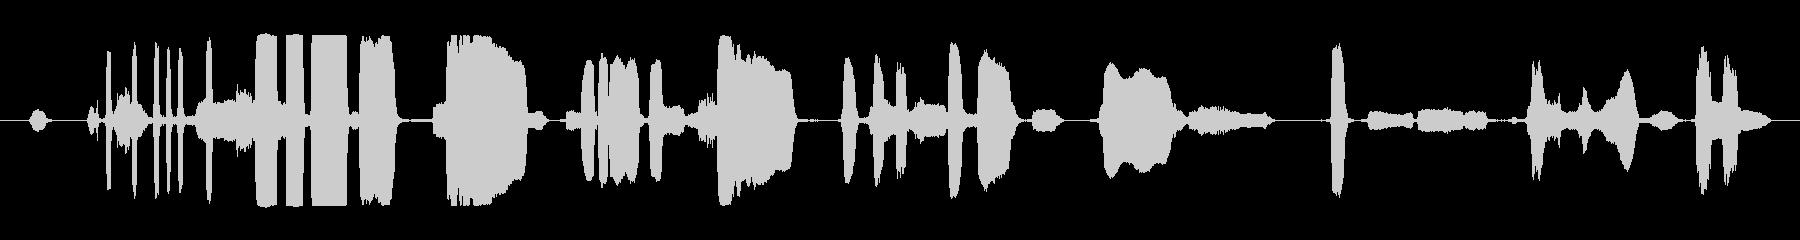 パーティーホーンズグループの未再生の波形